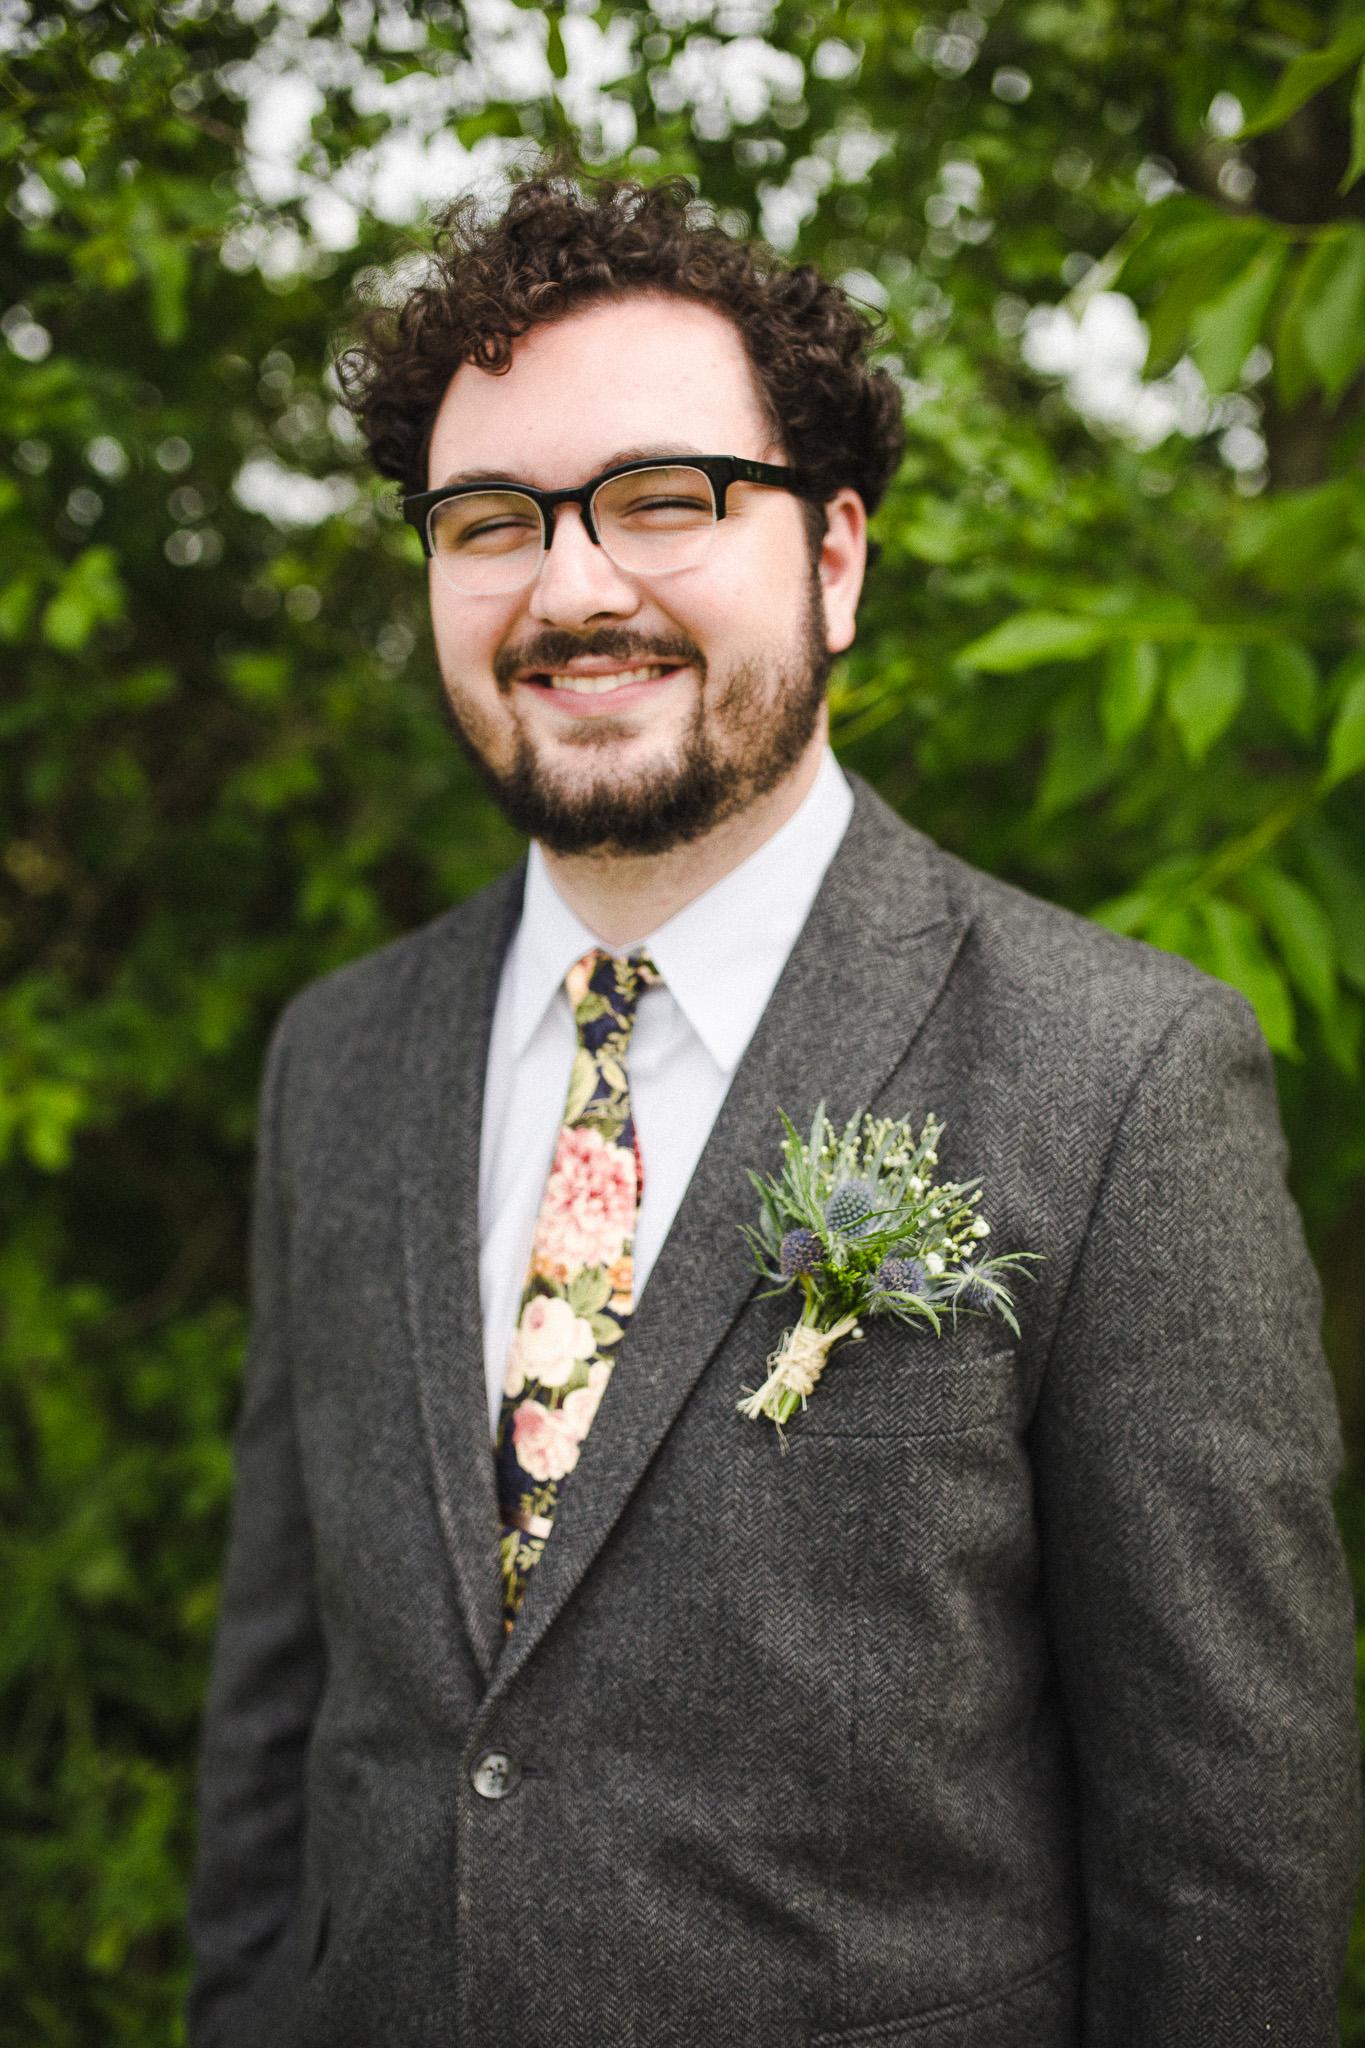 Toledo-Wedding-Photographer (16 of 32).JPG